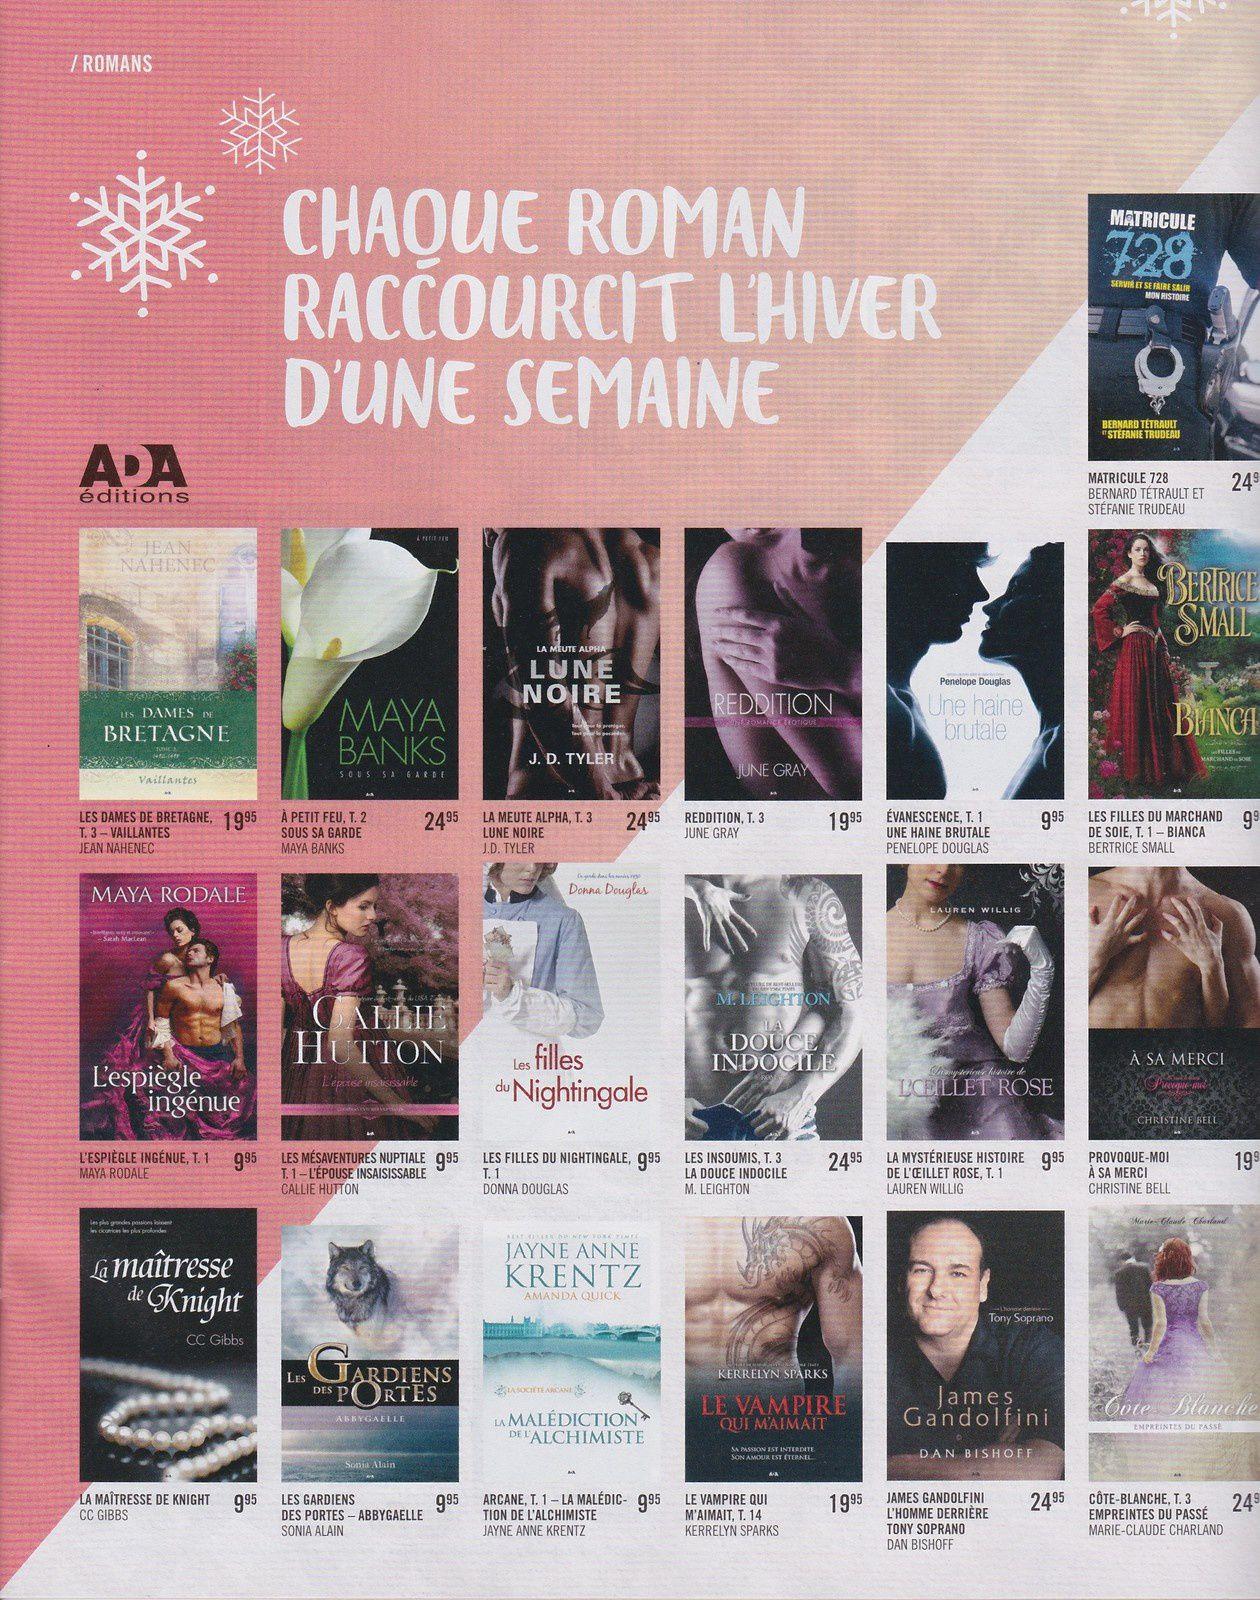 """Le tome 1 de ma série """"Les gardiens des portes"""" se retrouve dans la circulaire de Noël de Renaud-Bray 2015"""